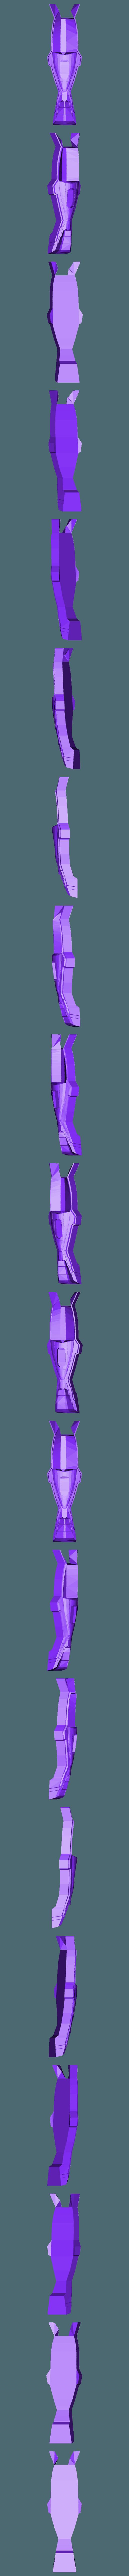 Eagle_Cockpit_Seal.stl Download free STL file Eagle Multi Colour/Material (Elite Dangerous) • 3D print object, Kahnindustries